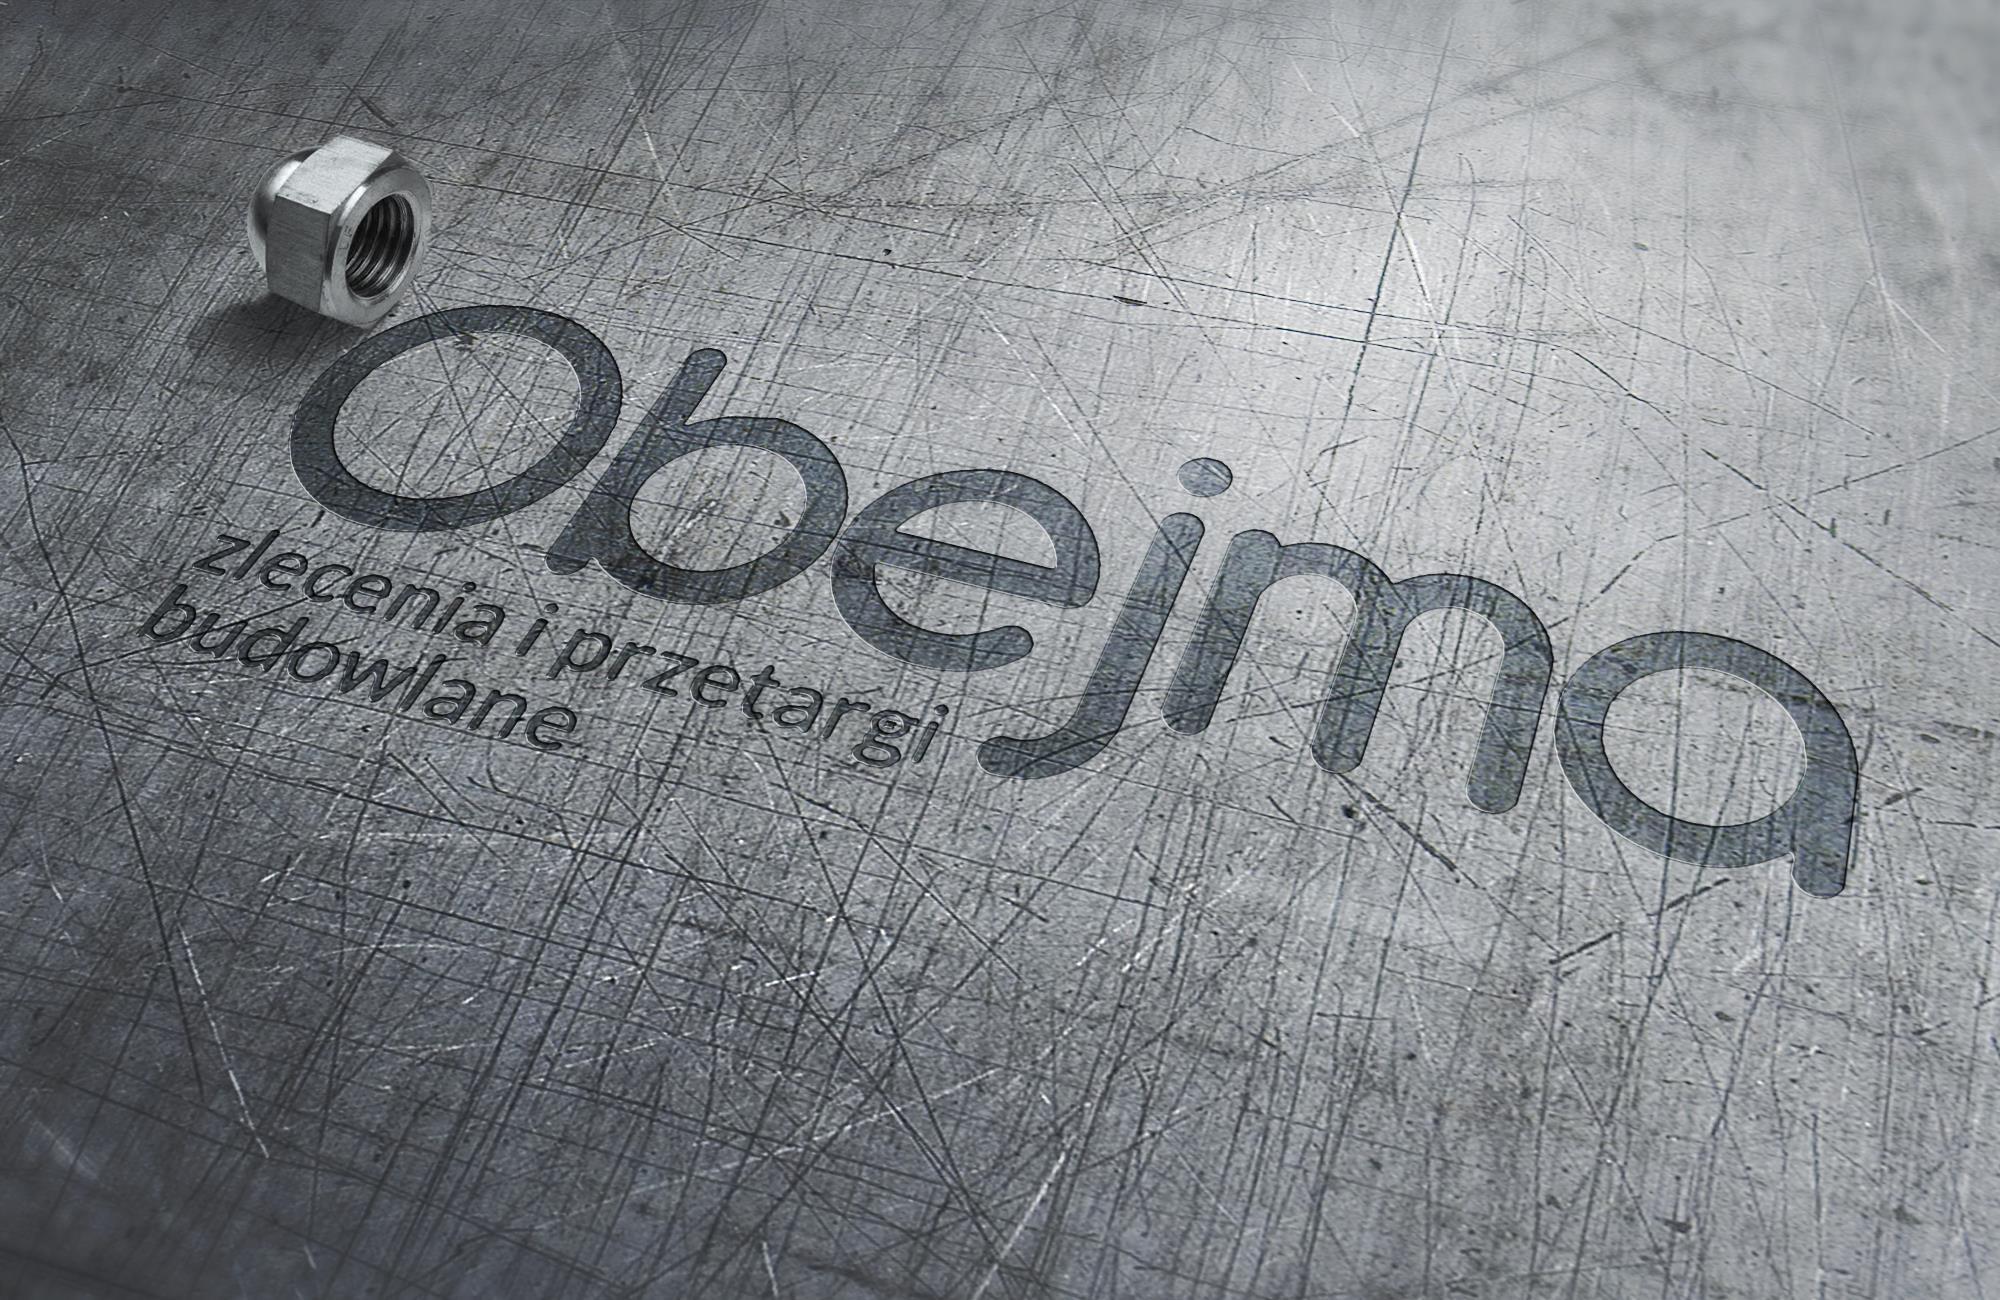 obejma_logo